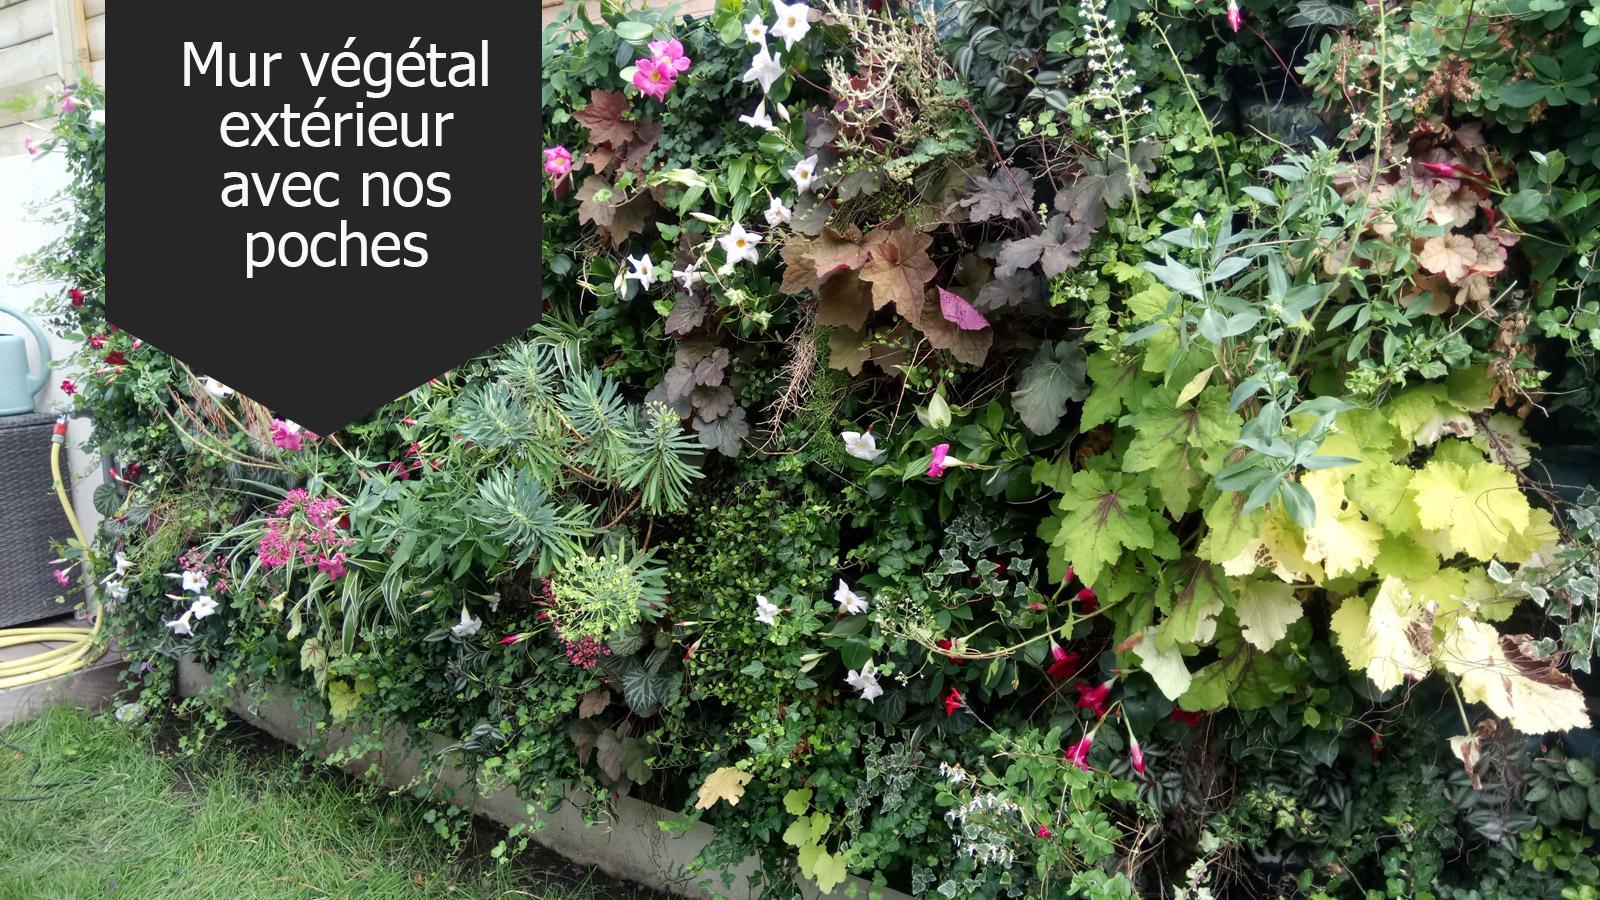 Plantes Pour Mur Végétal Extérieur mur végétal vivant, tableau vegetal, murs végétaux interieur